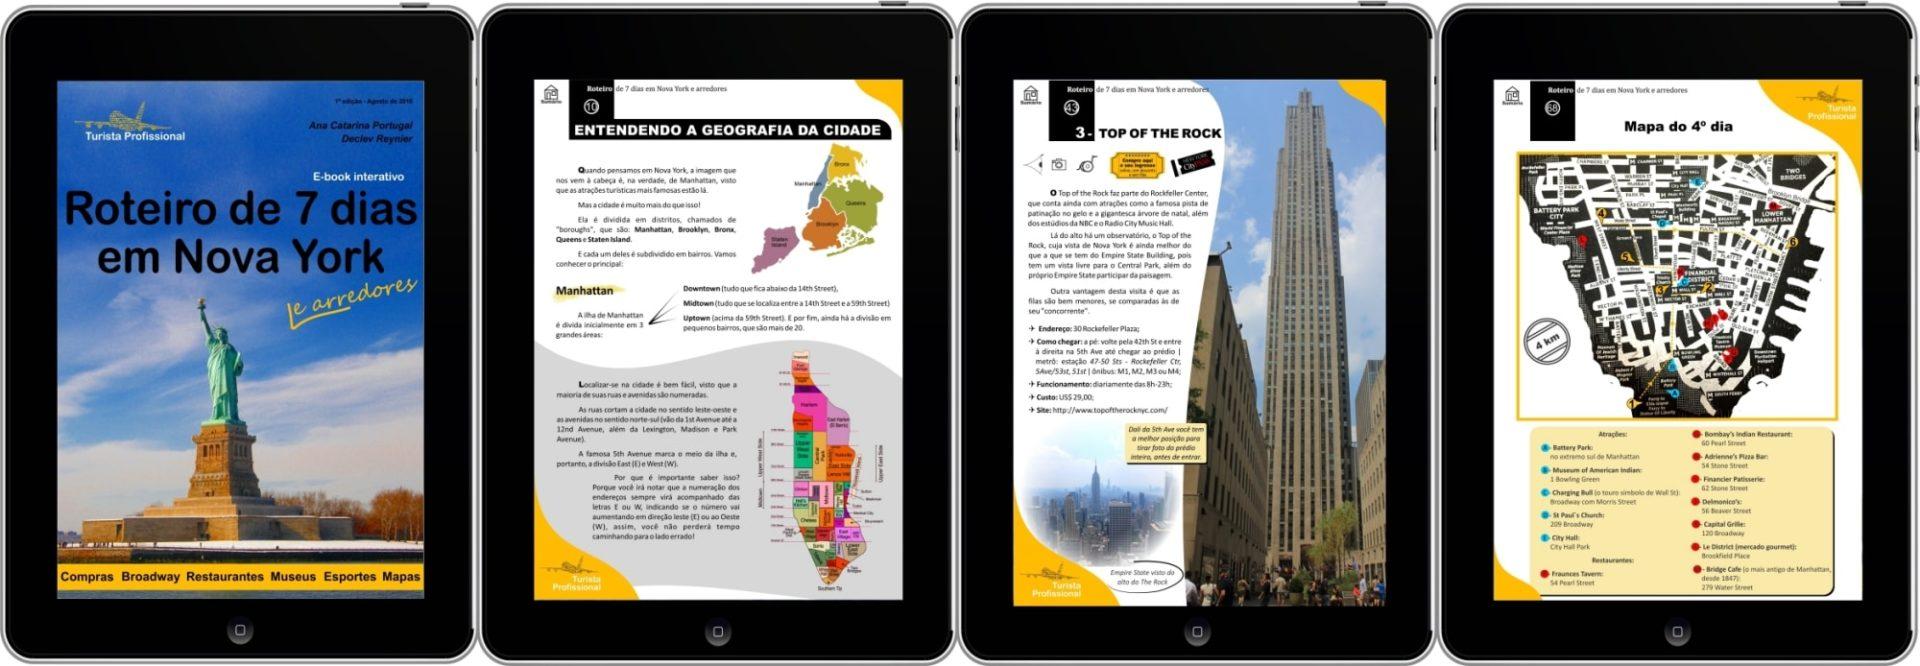 roteiro nova york - Roteiro de 7 dias em Nova York e arredores (E-Book)